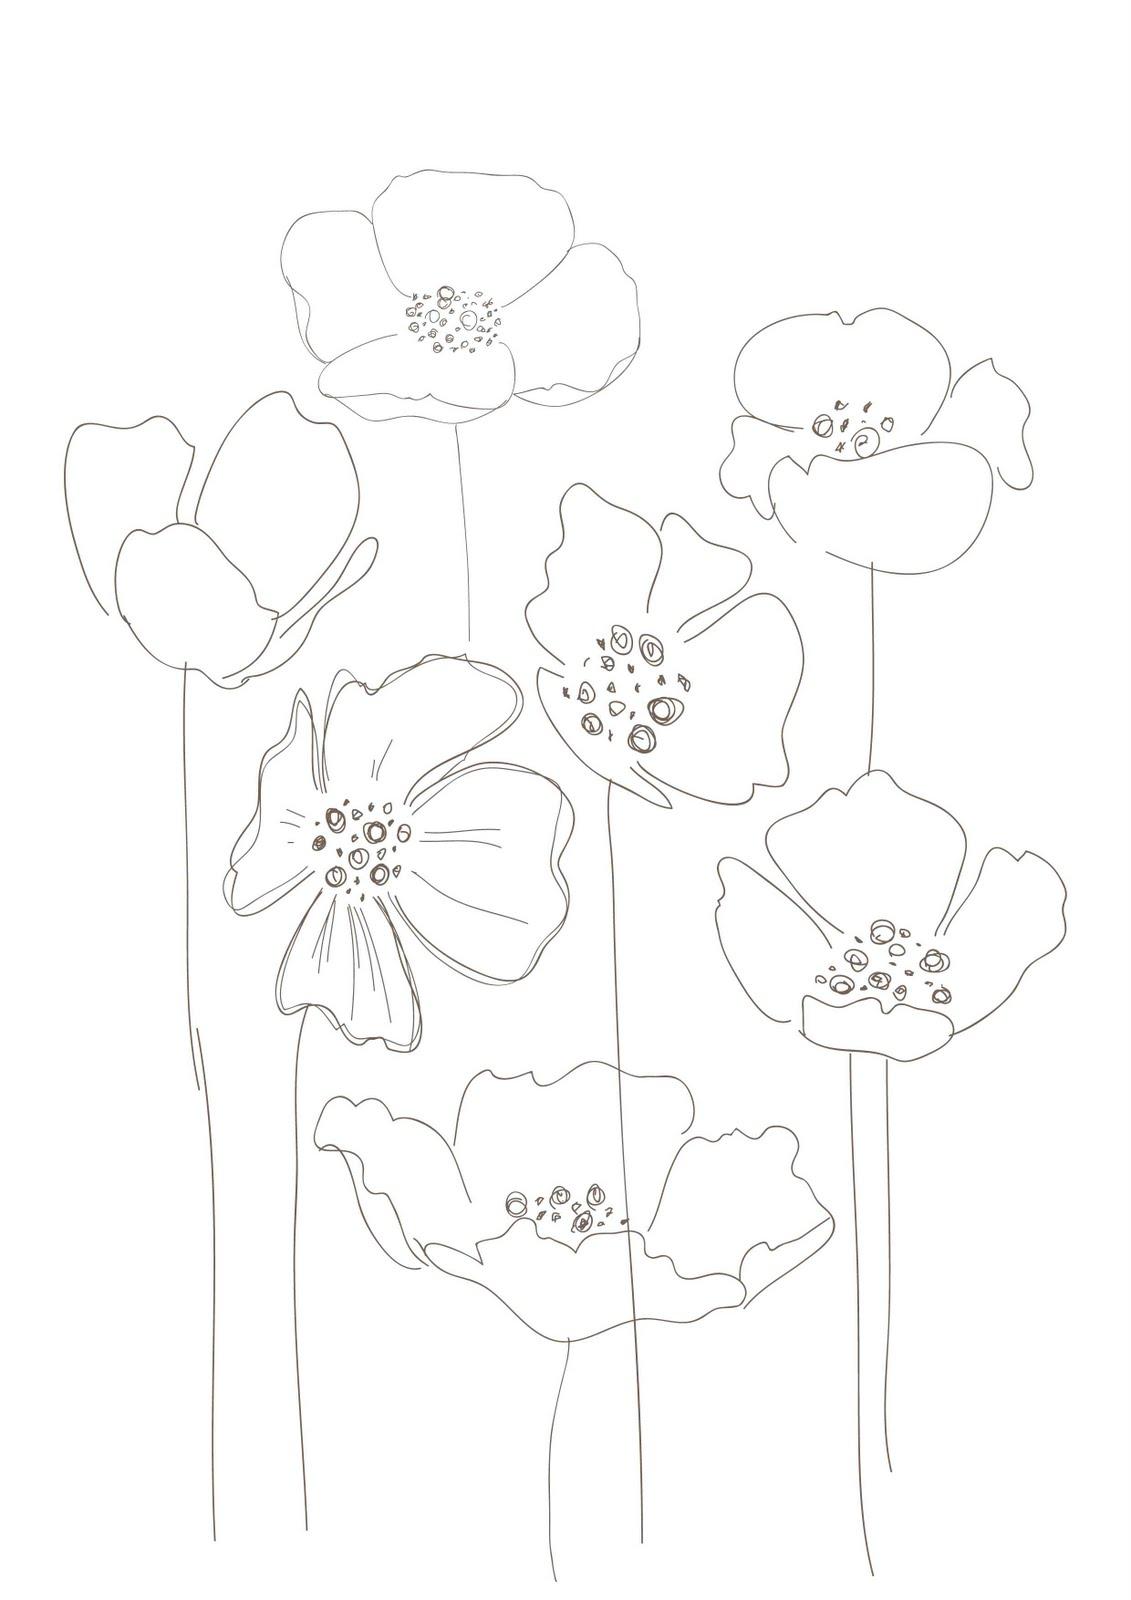 Drawn poppy glass Floral votre un finesse Essayez